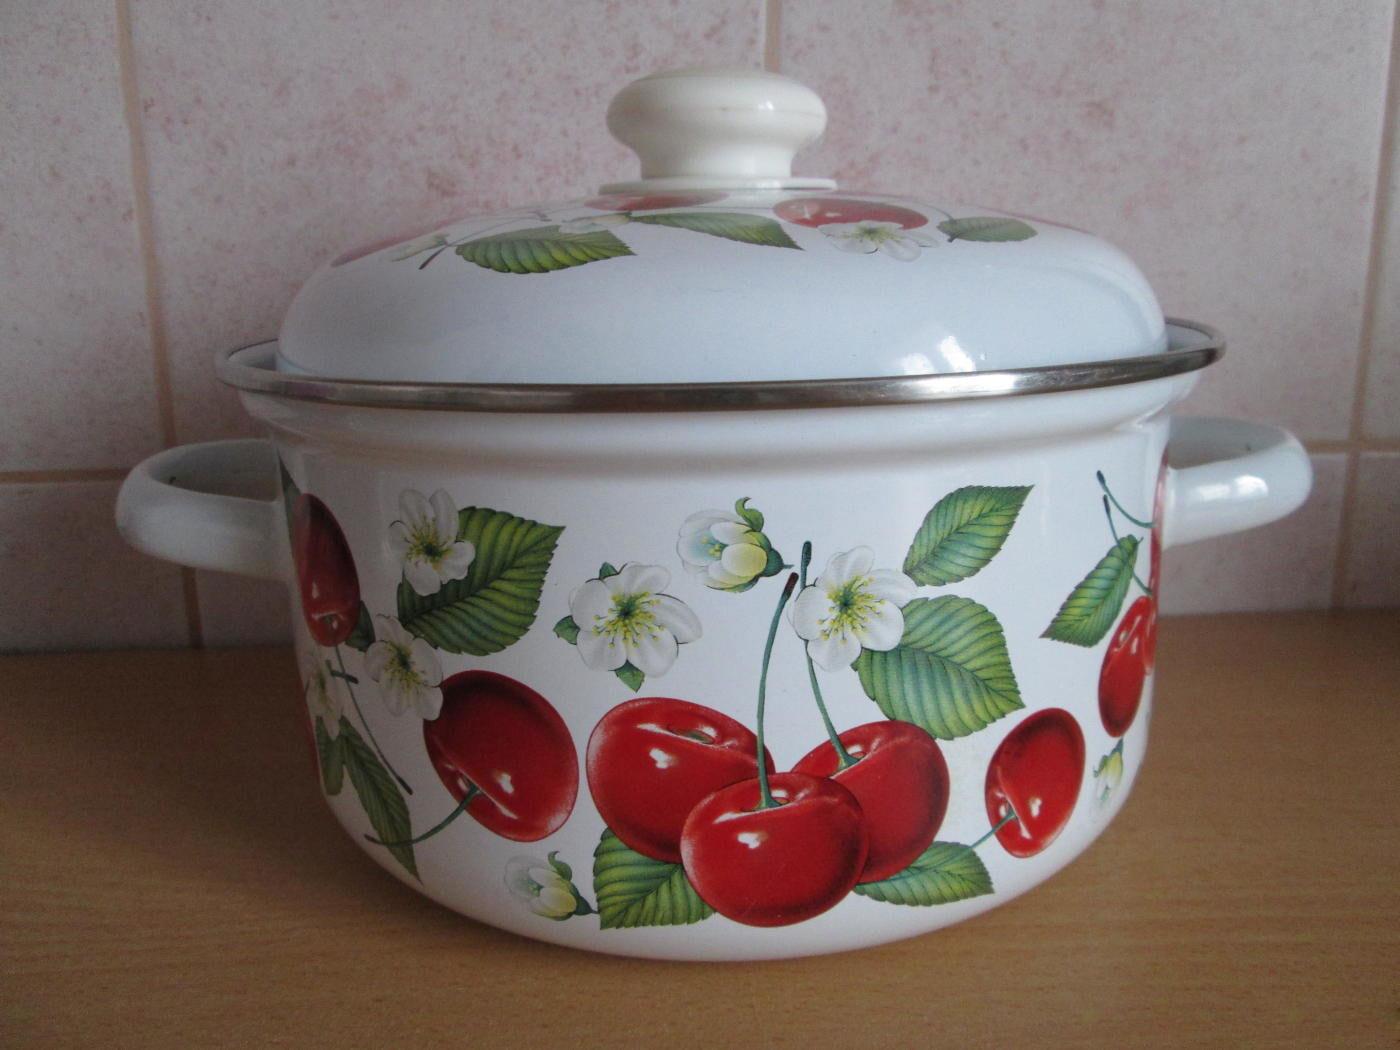 эмалированная кастрюля для кухни